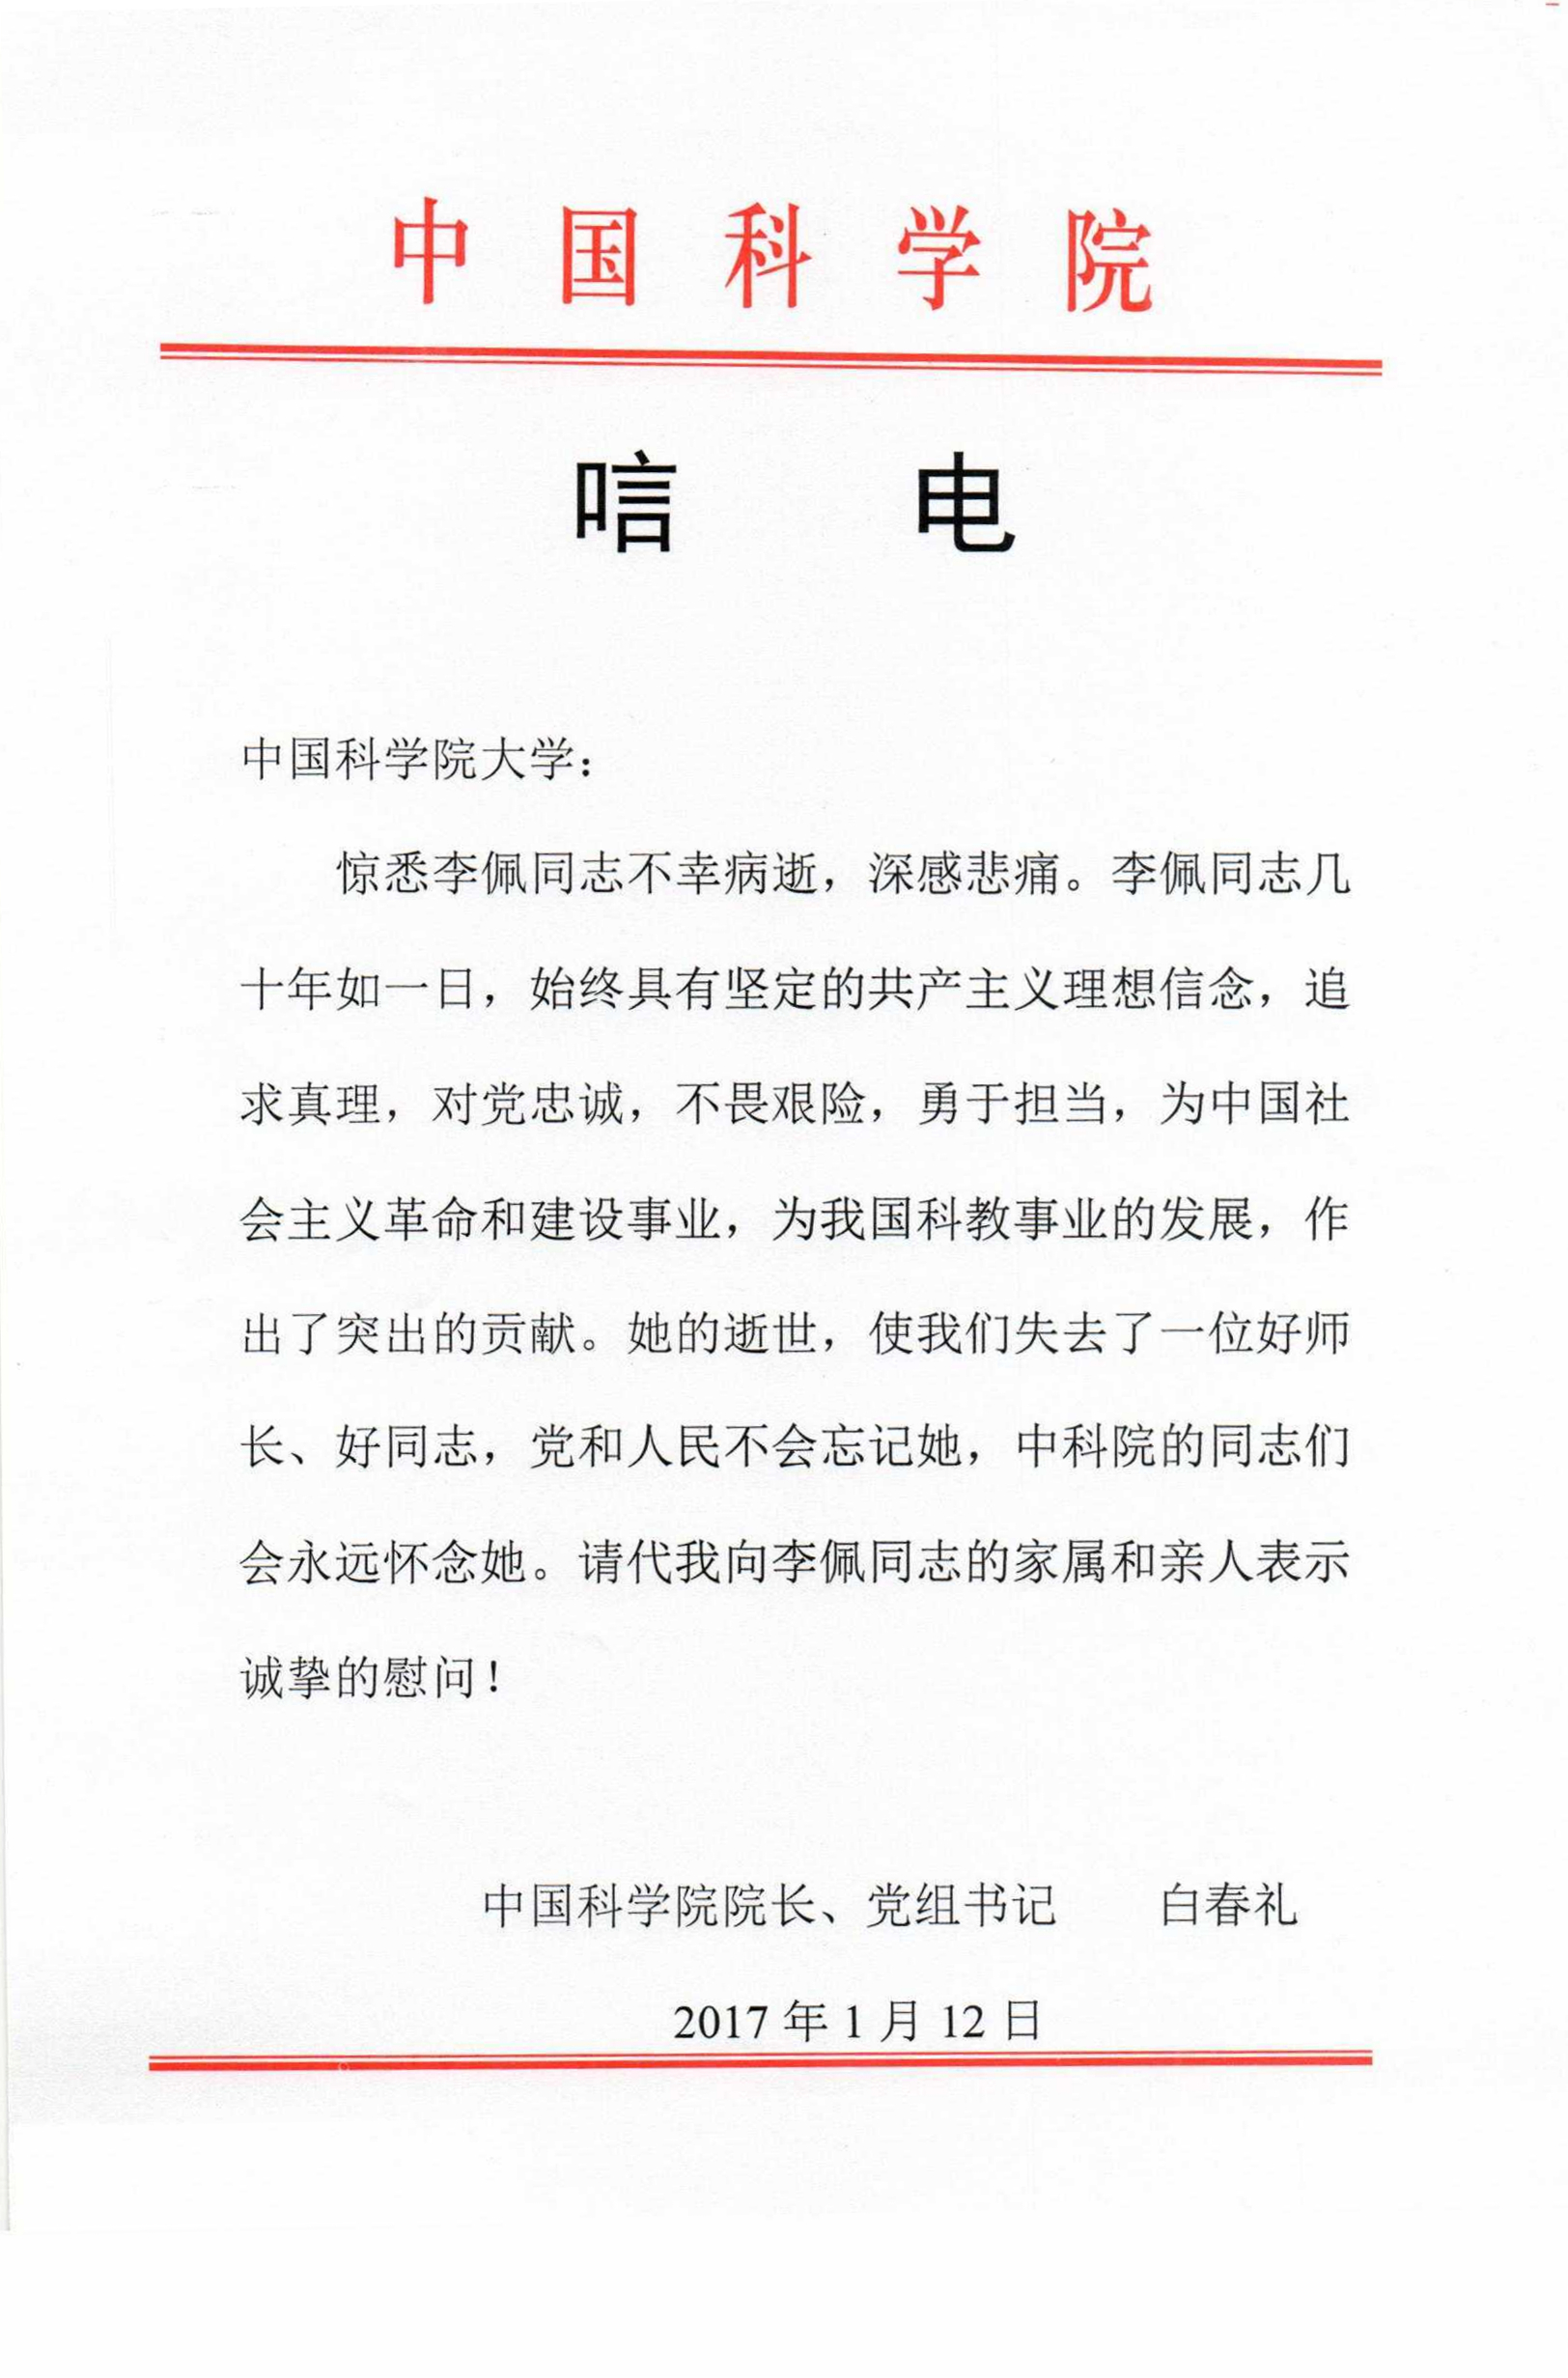 中国科学院院长白春礼唁电